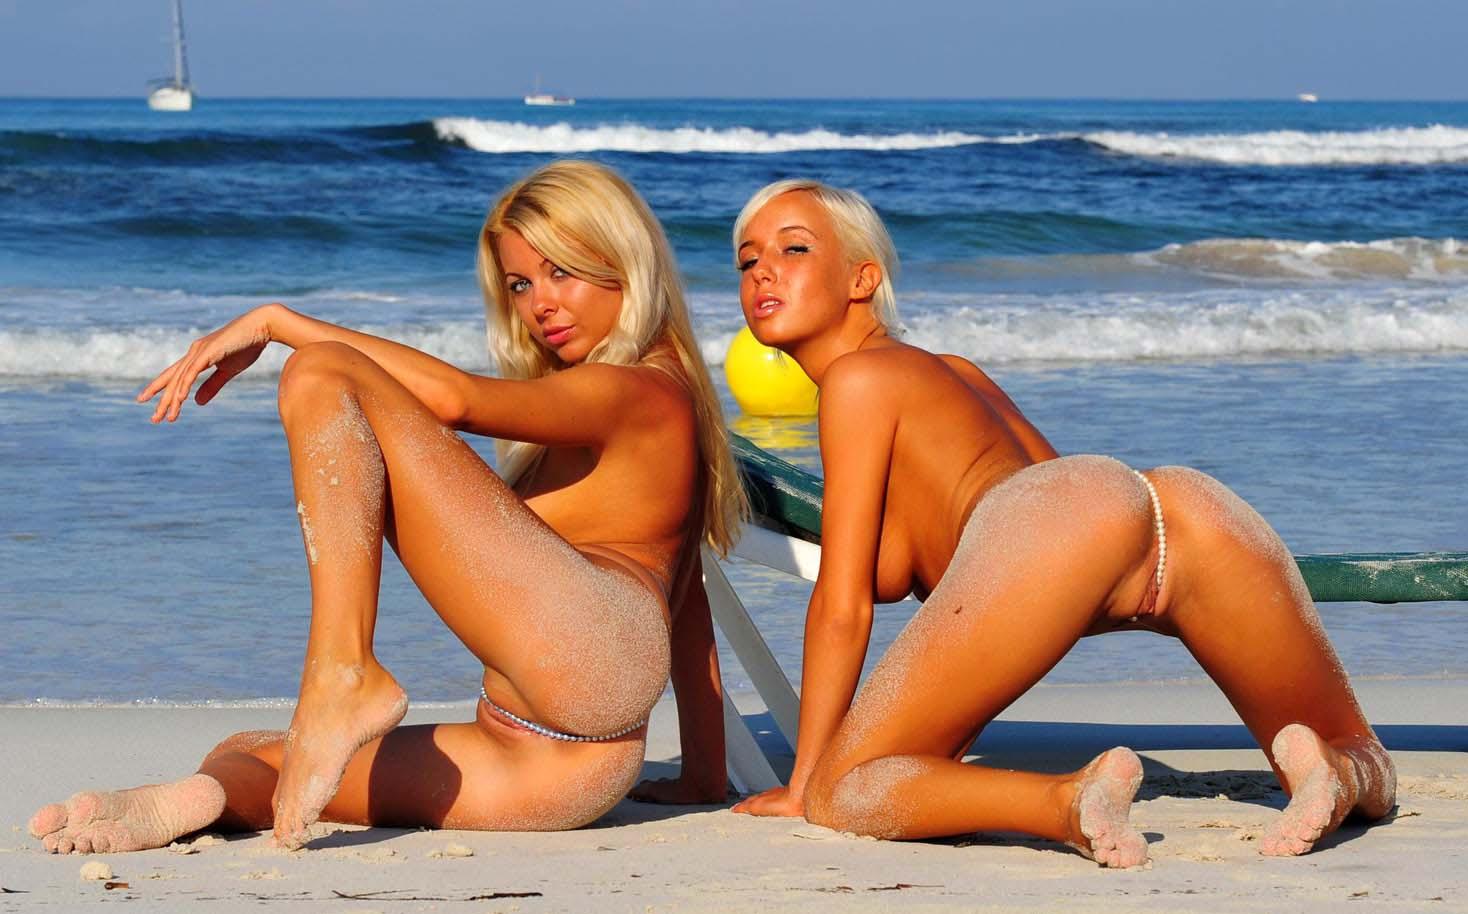 Фото гуляет по пляжу мини бикини на пляже 10 фотография